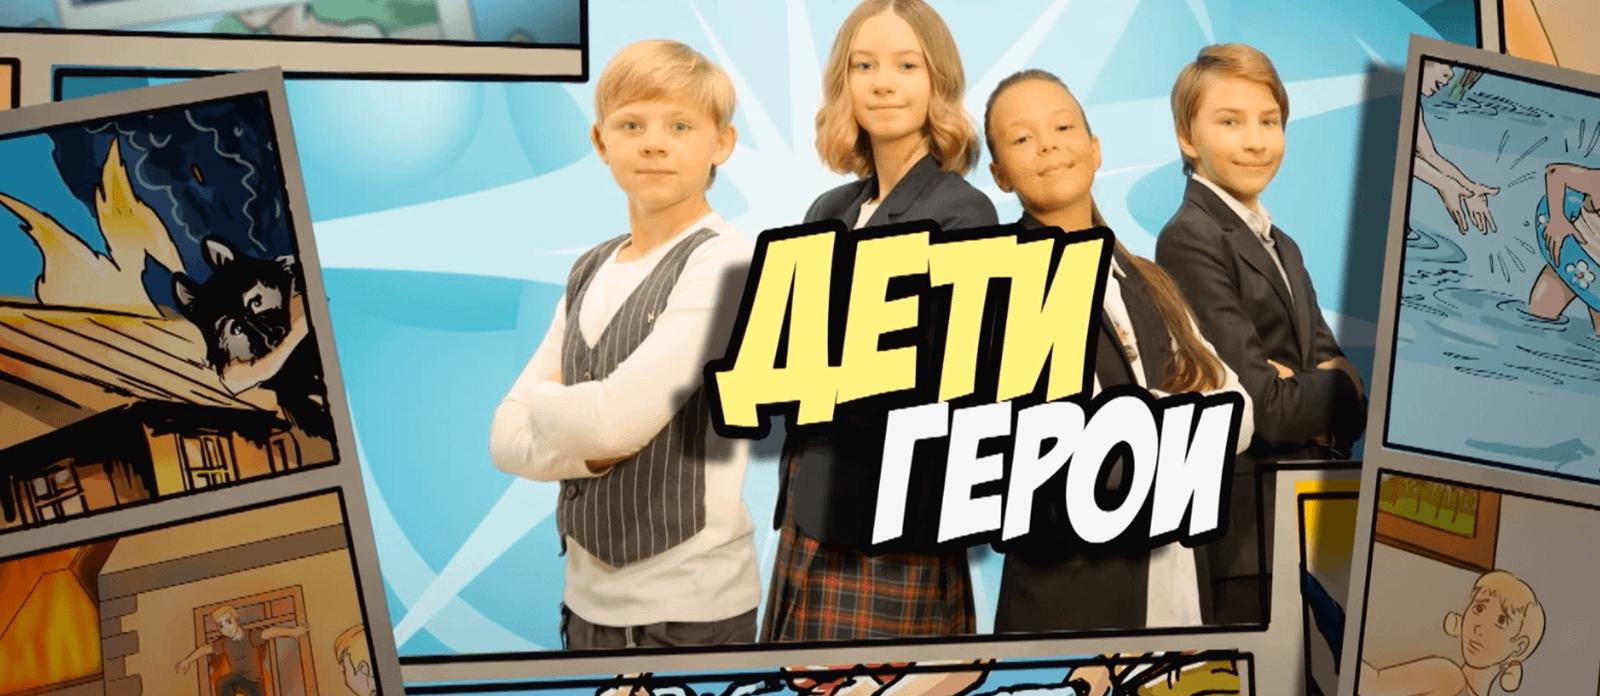 ДЕТИ ГЕРОИ